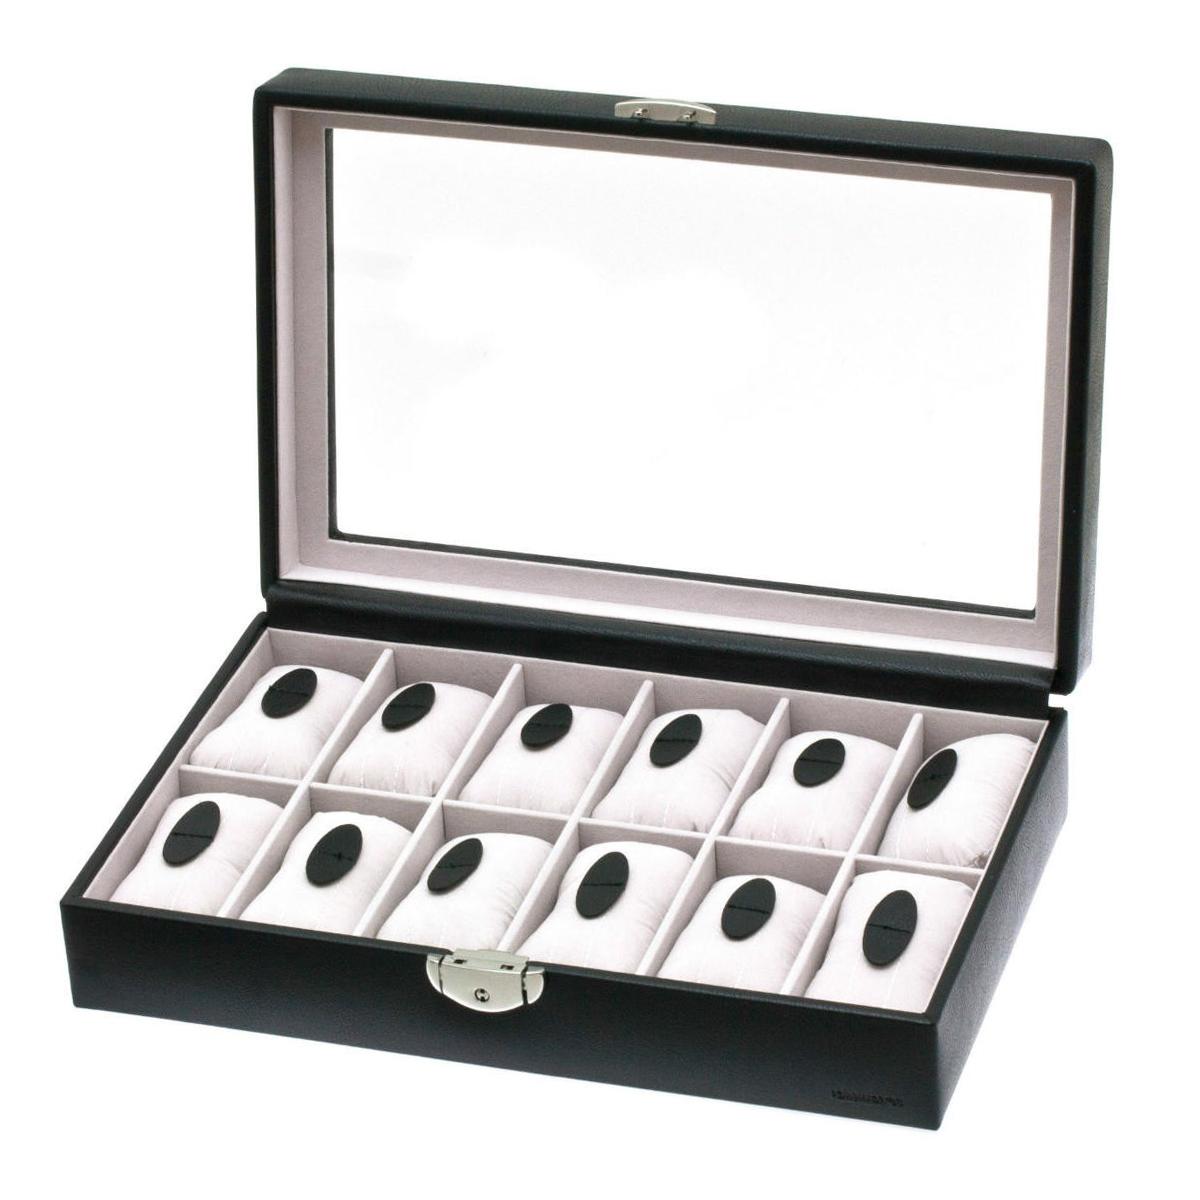 Coffret montres \'Munich\' noir (12 montres) - 33x9x22 cm - [E5100]